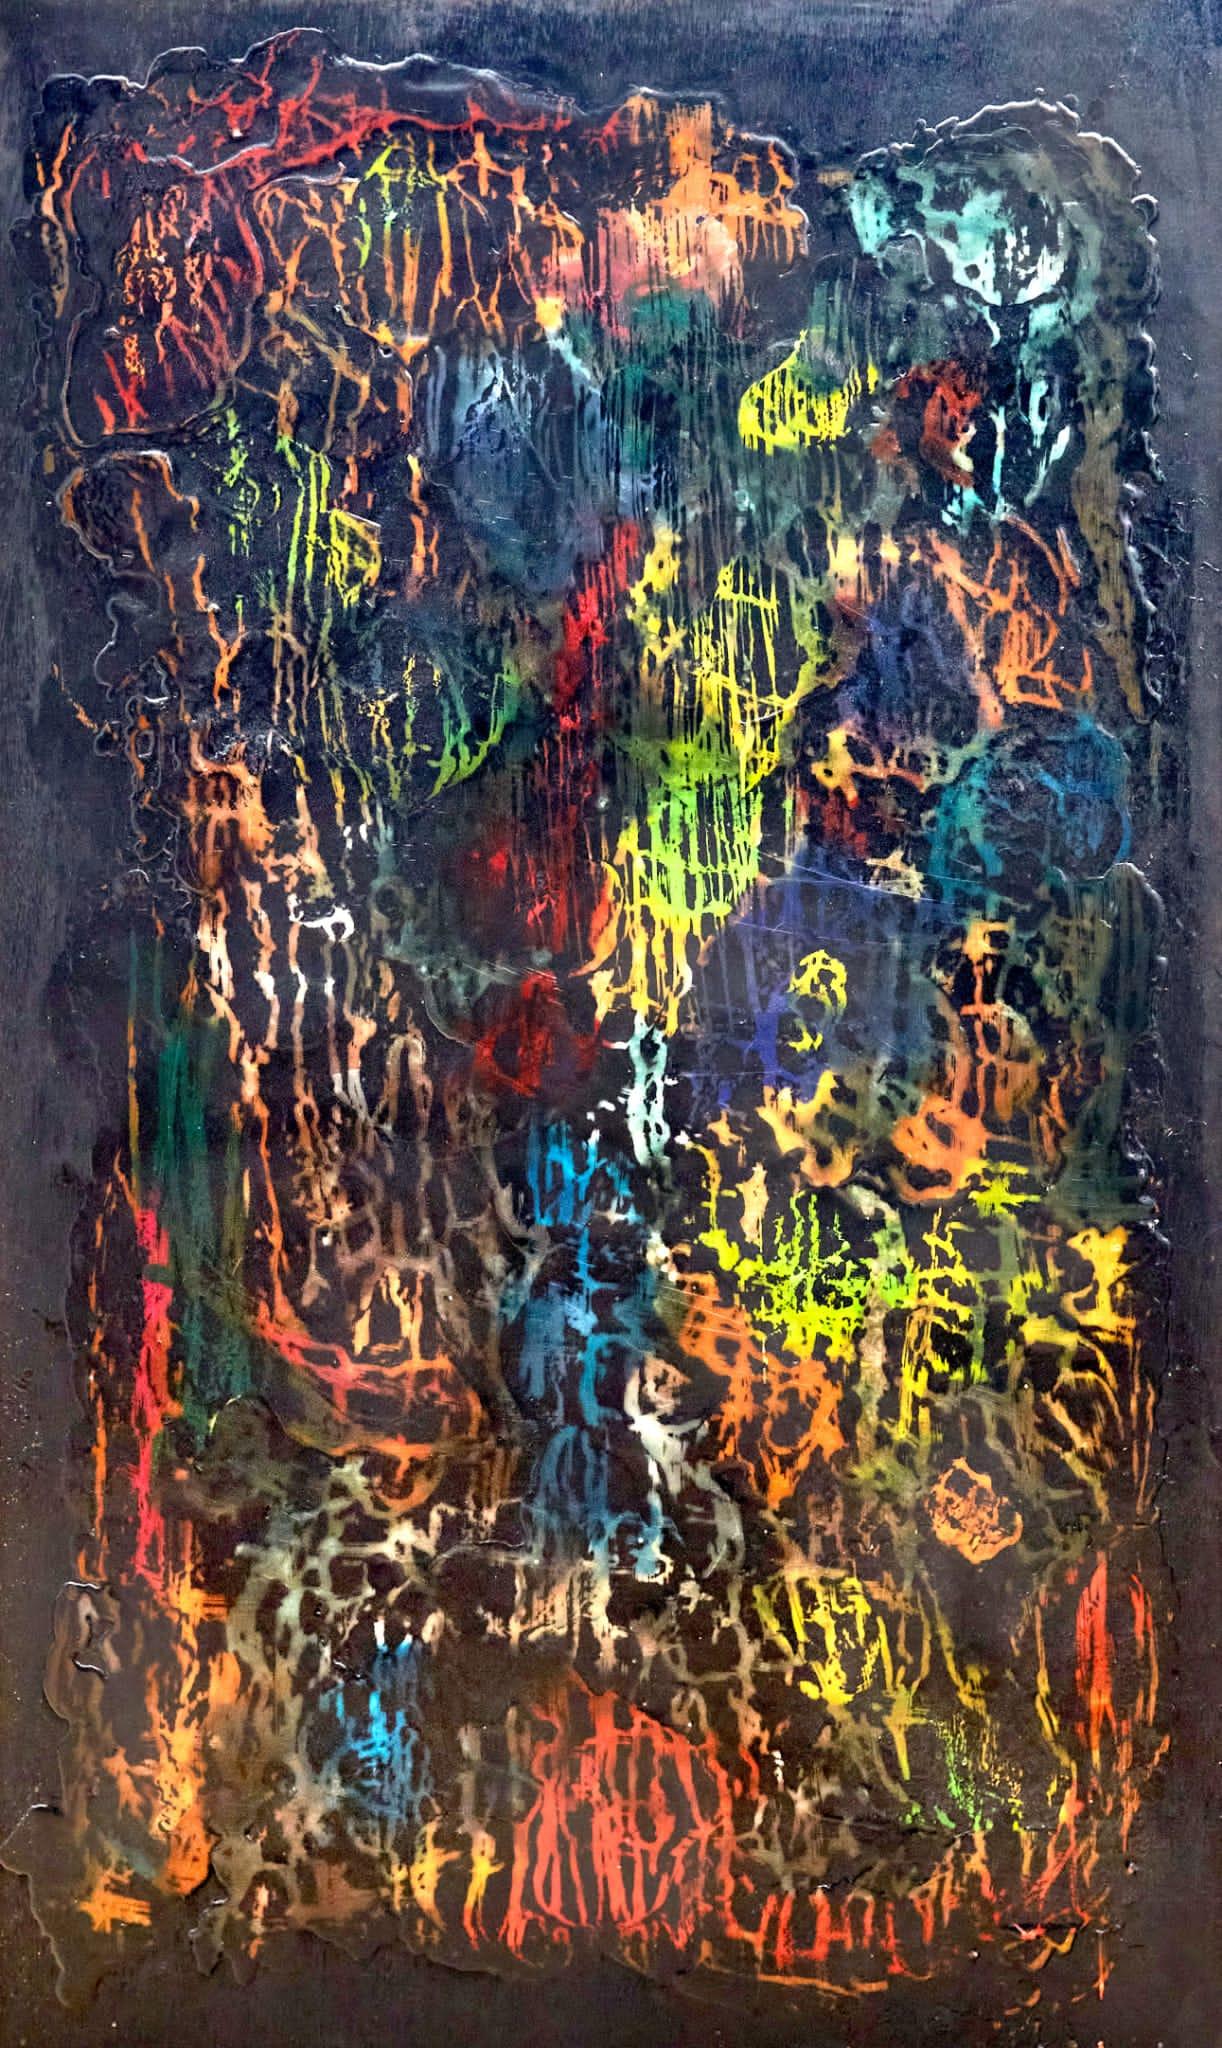 upcycling artist mitomito kunst kaufen auf arttrado online galerie kunst entdecken mito mito kunstwerke antimaterie